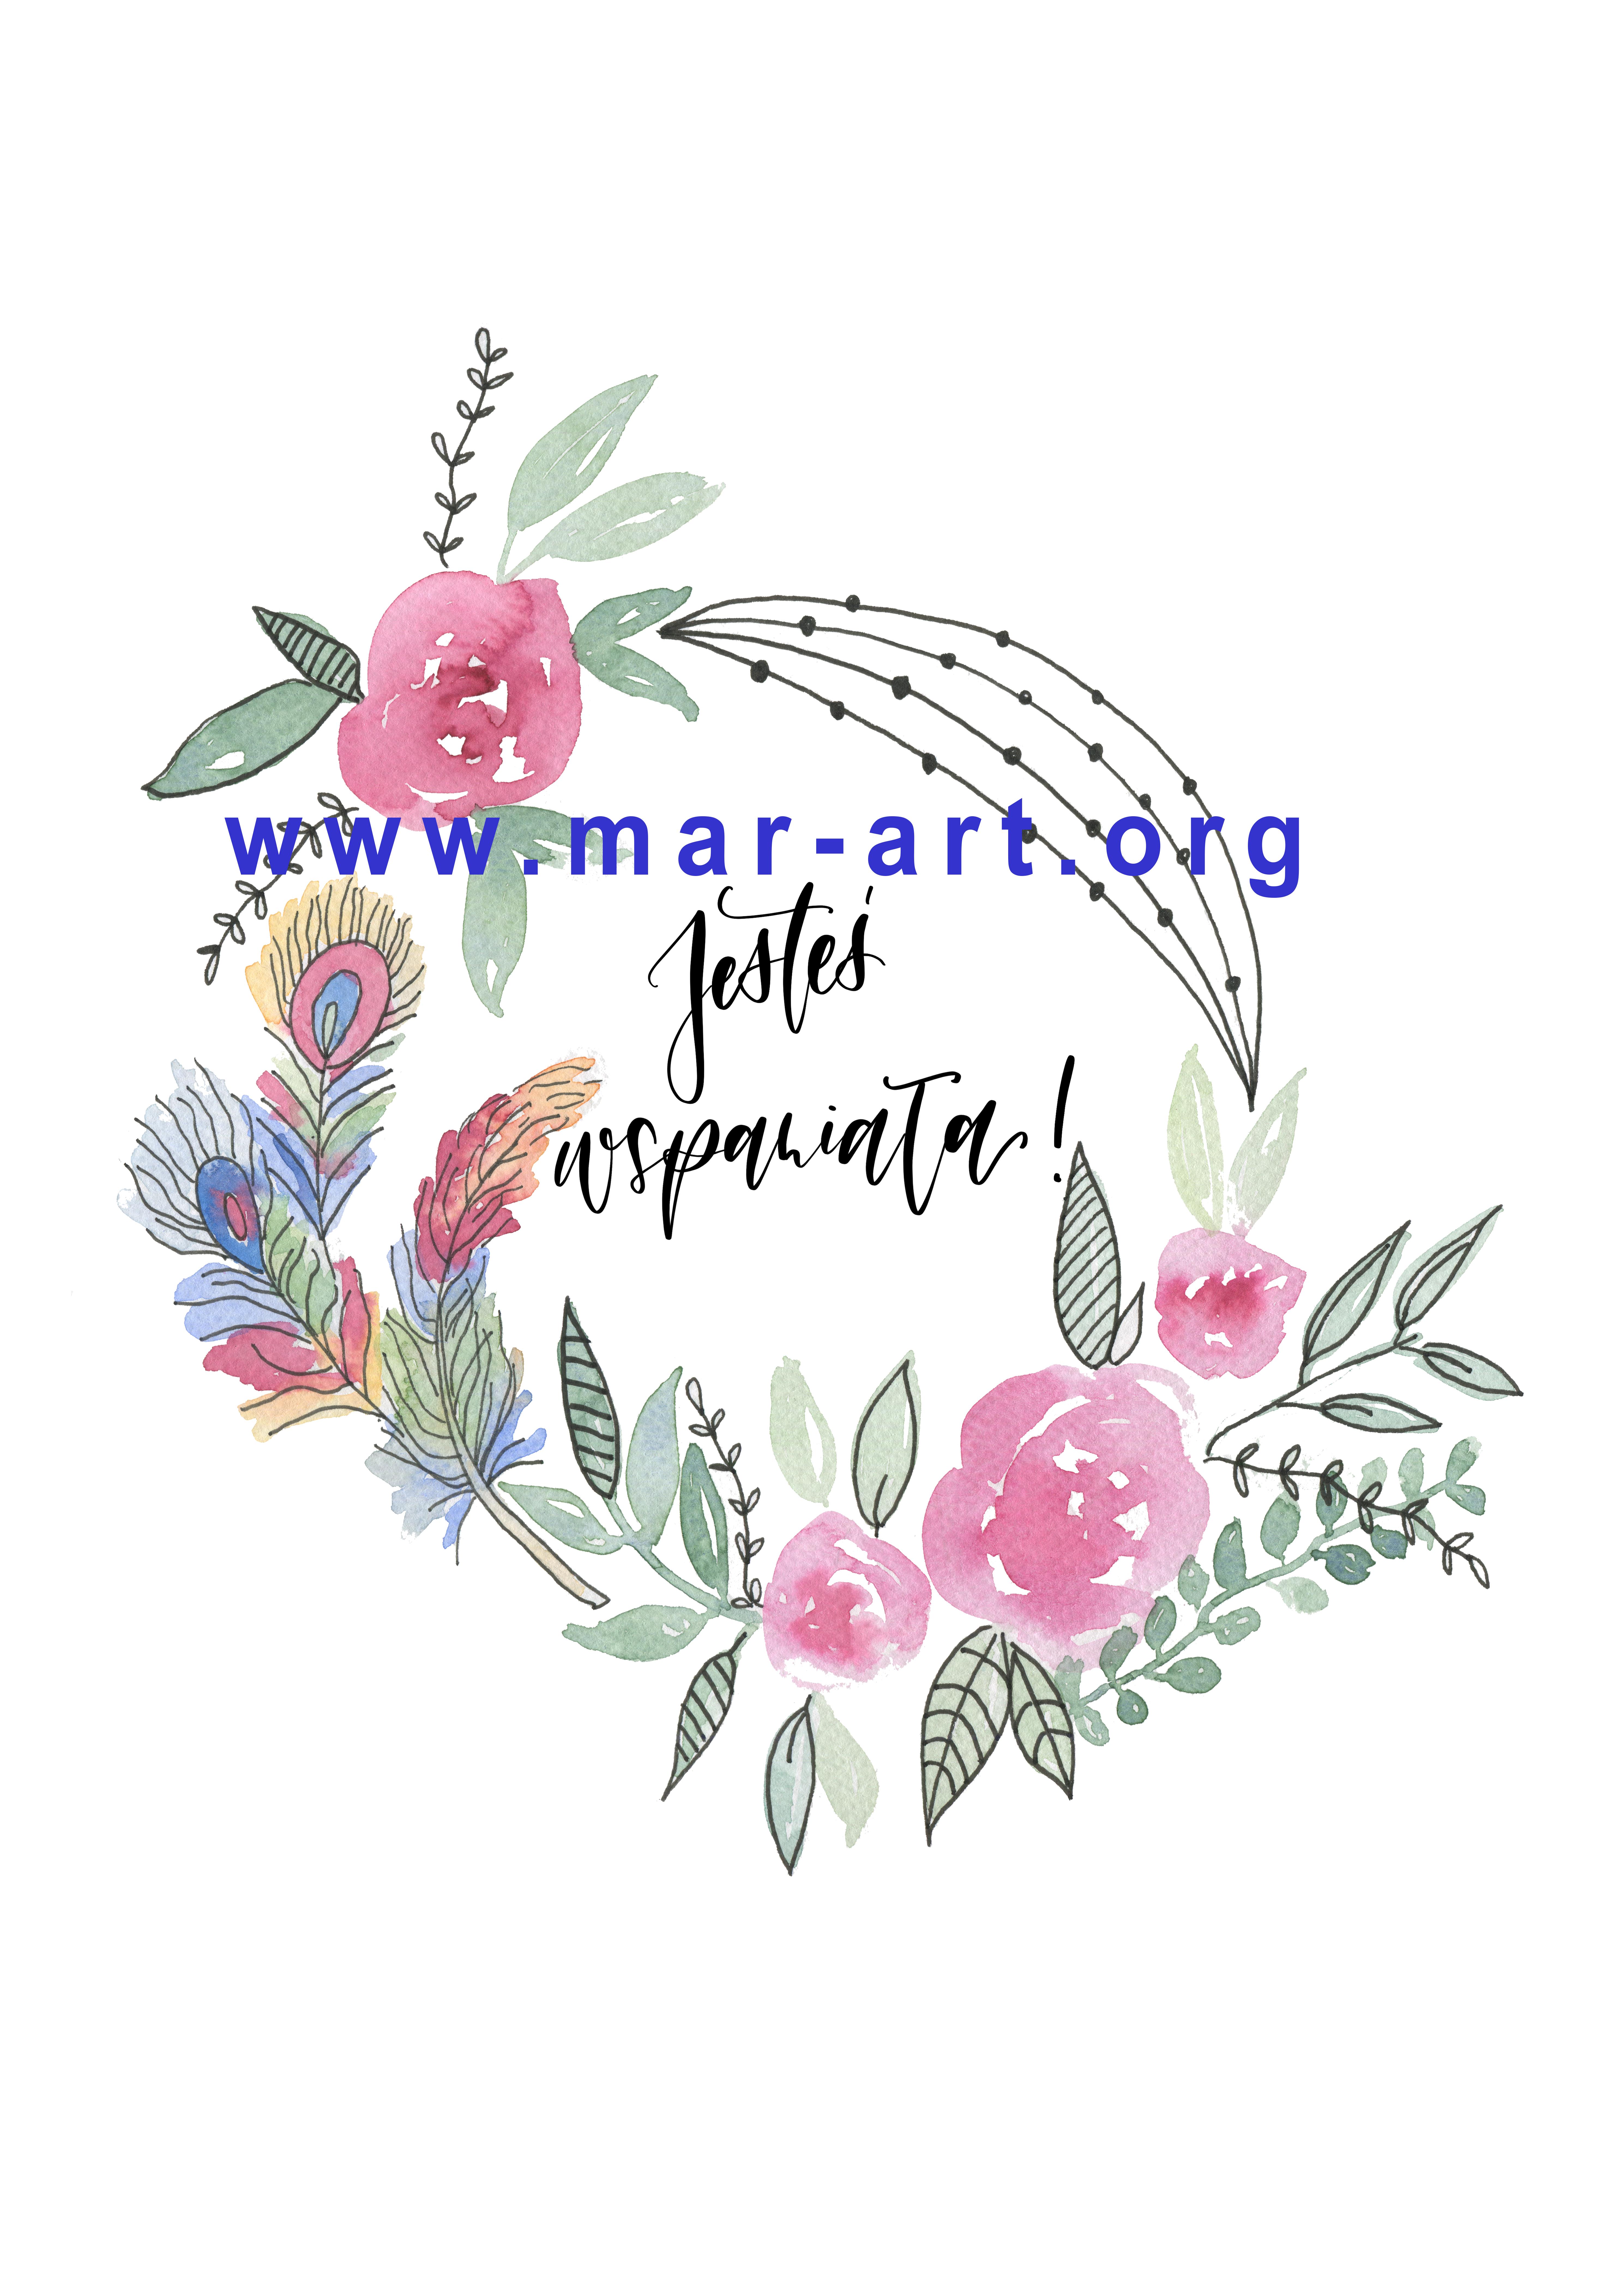 watermark jestes wspaniala wianek mar art lettering - Jesteś wspaniała - grafika w formacie A4 do druku